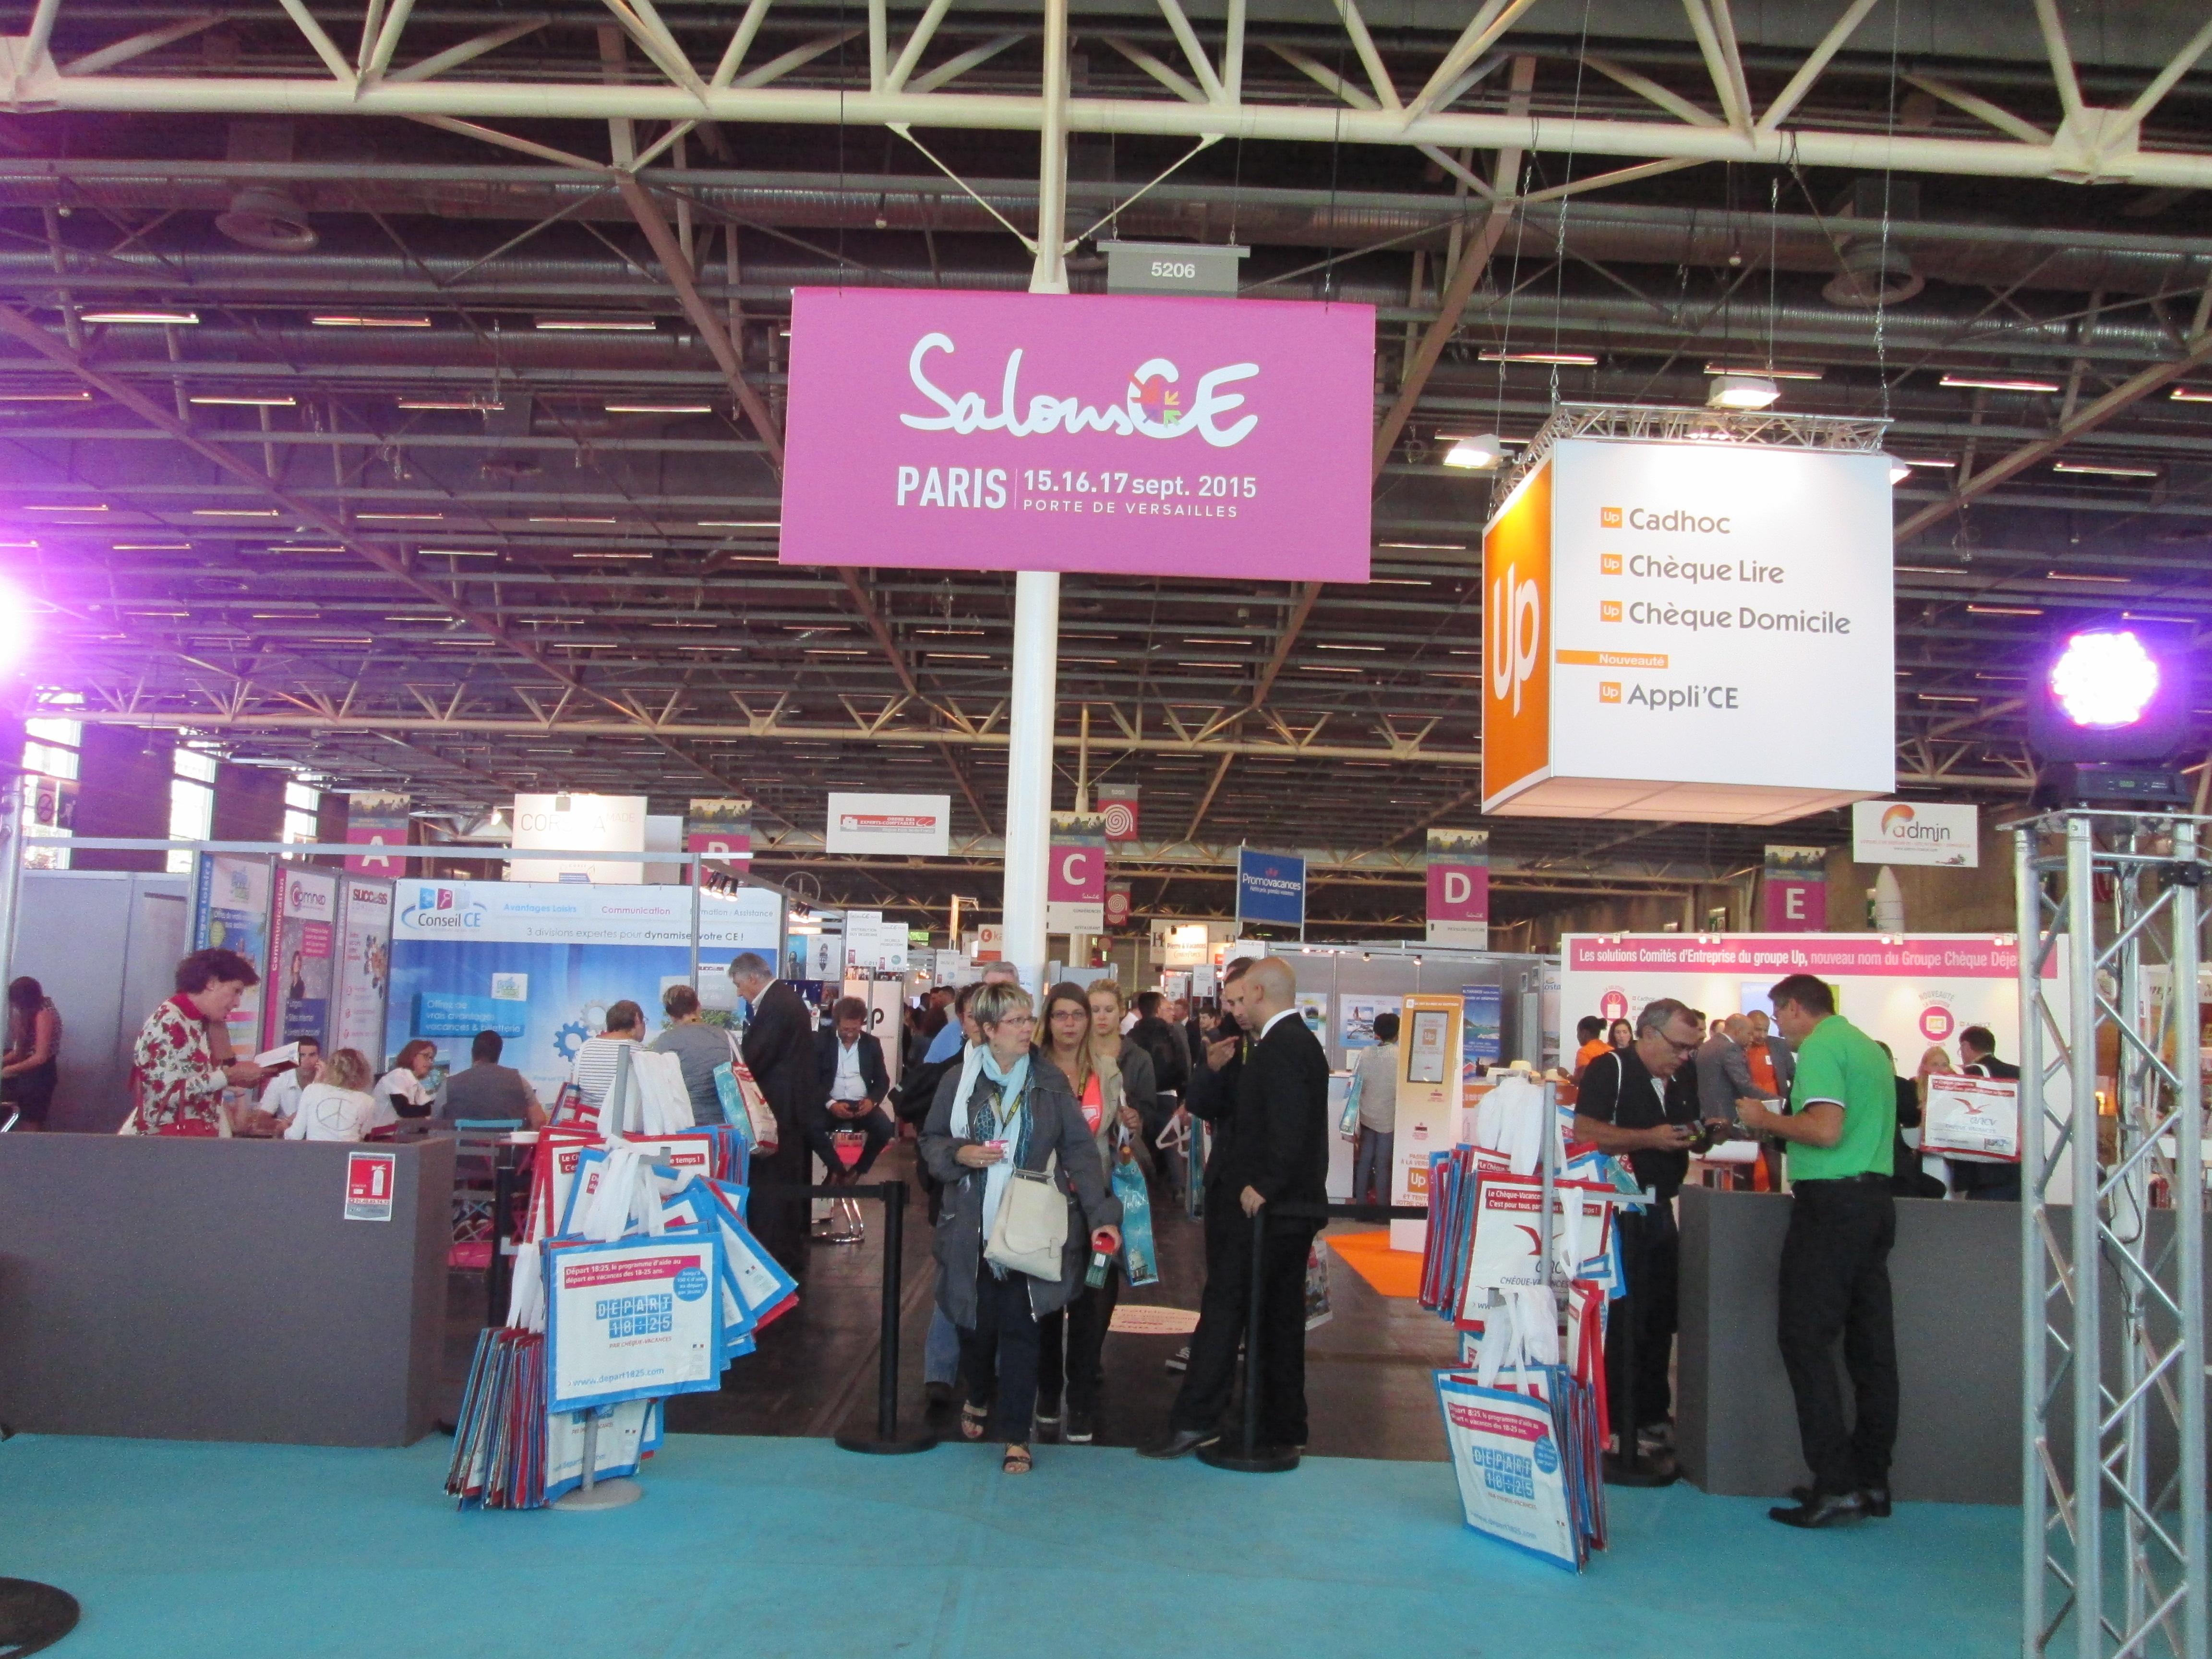 SalonsCE Paris se déroule jusqu'au 17 septembre 2015, Porte de Versailles, à Paris - DR : M.S.